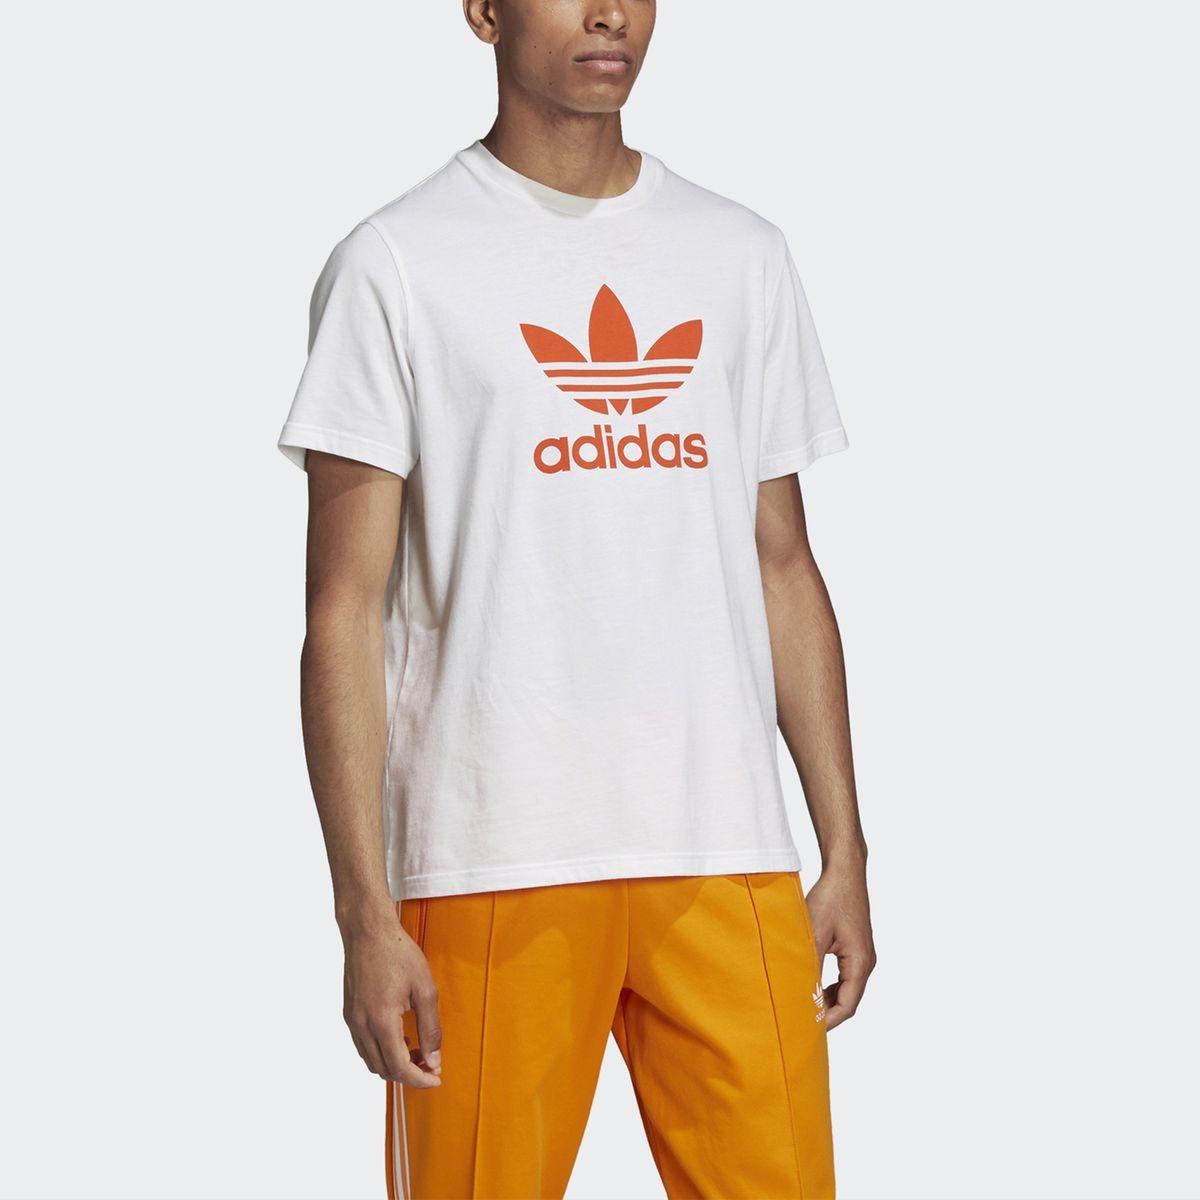 a8b1ce4072 Vetements De Adidas Tendance Femme Shirts T tF6xOw6